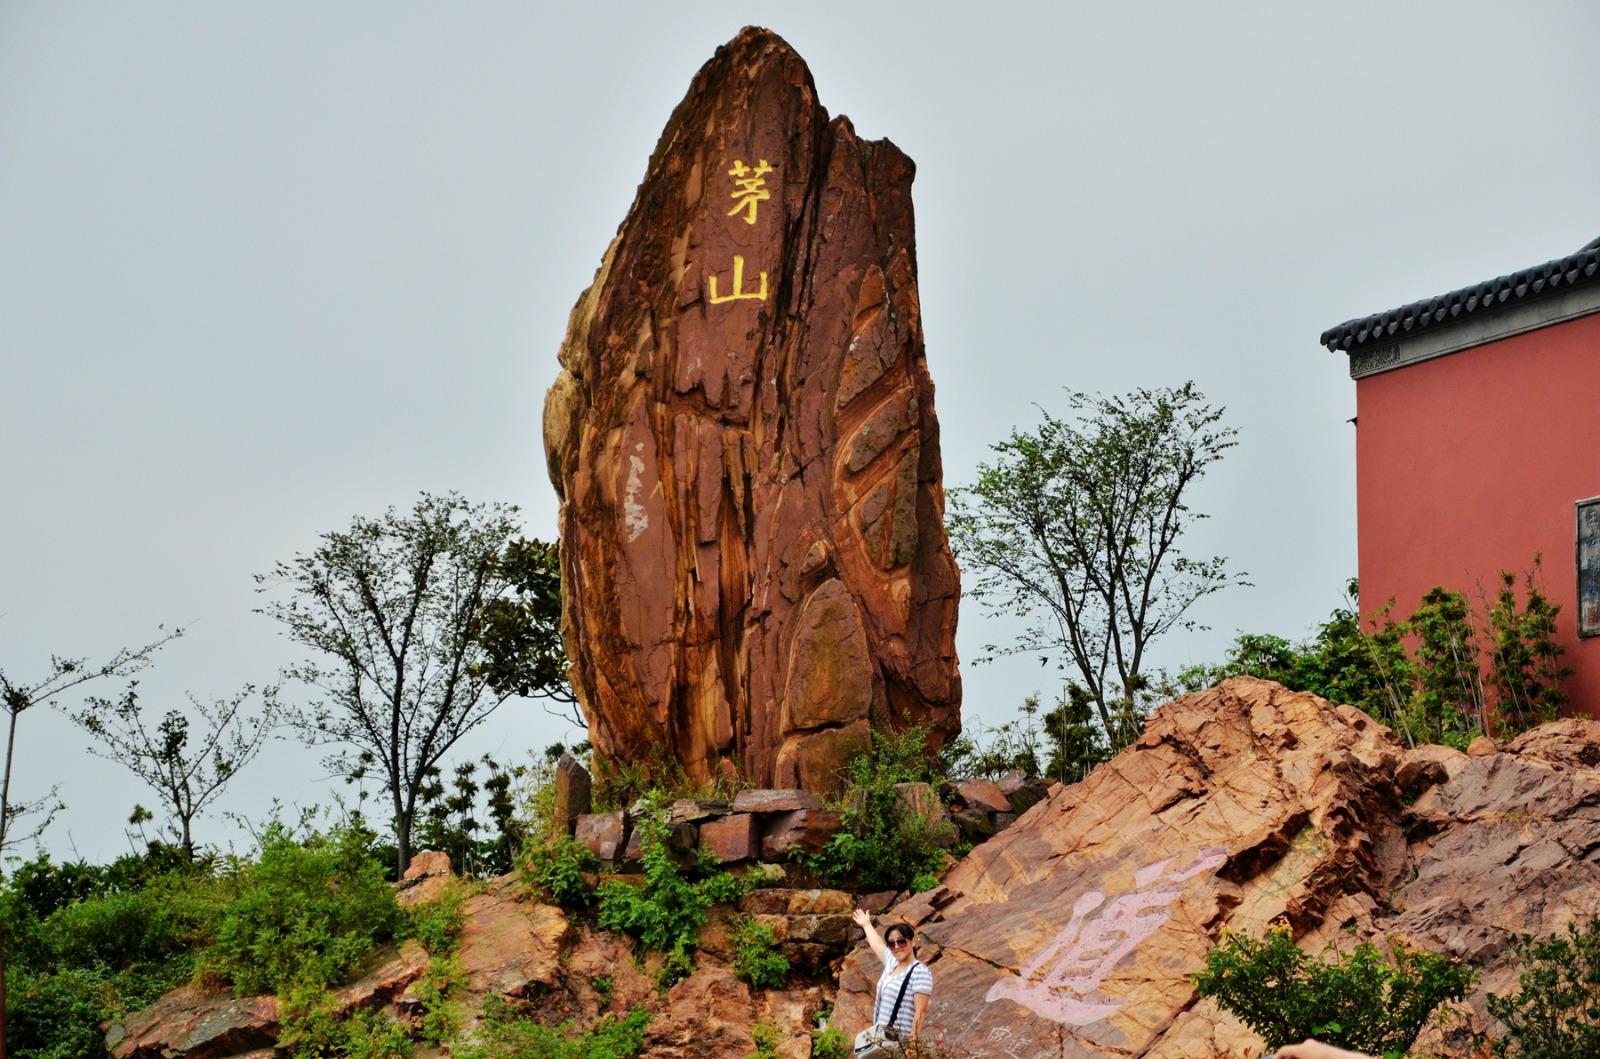 而如今的茅山风景区已被国家旅游部列为国家aaaaa级名胜风景区.